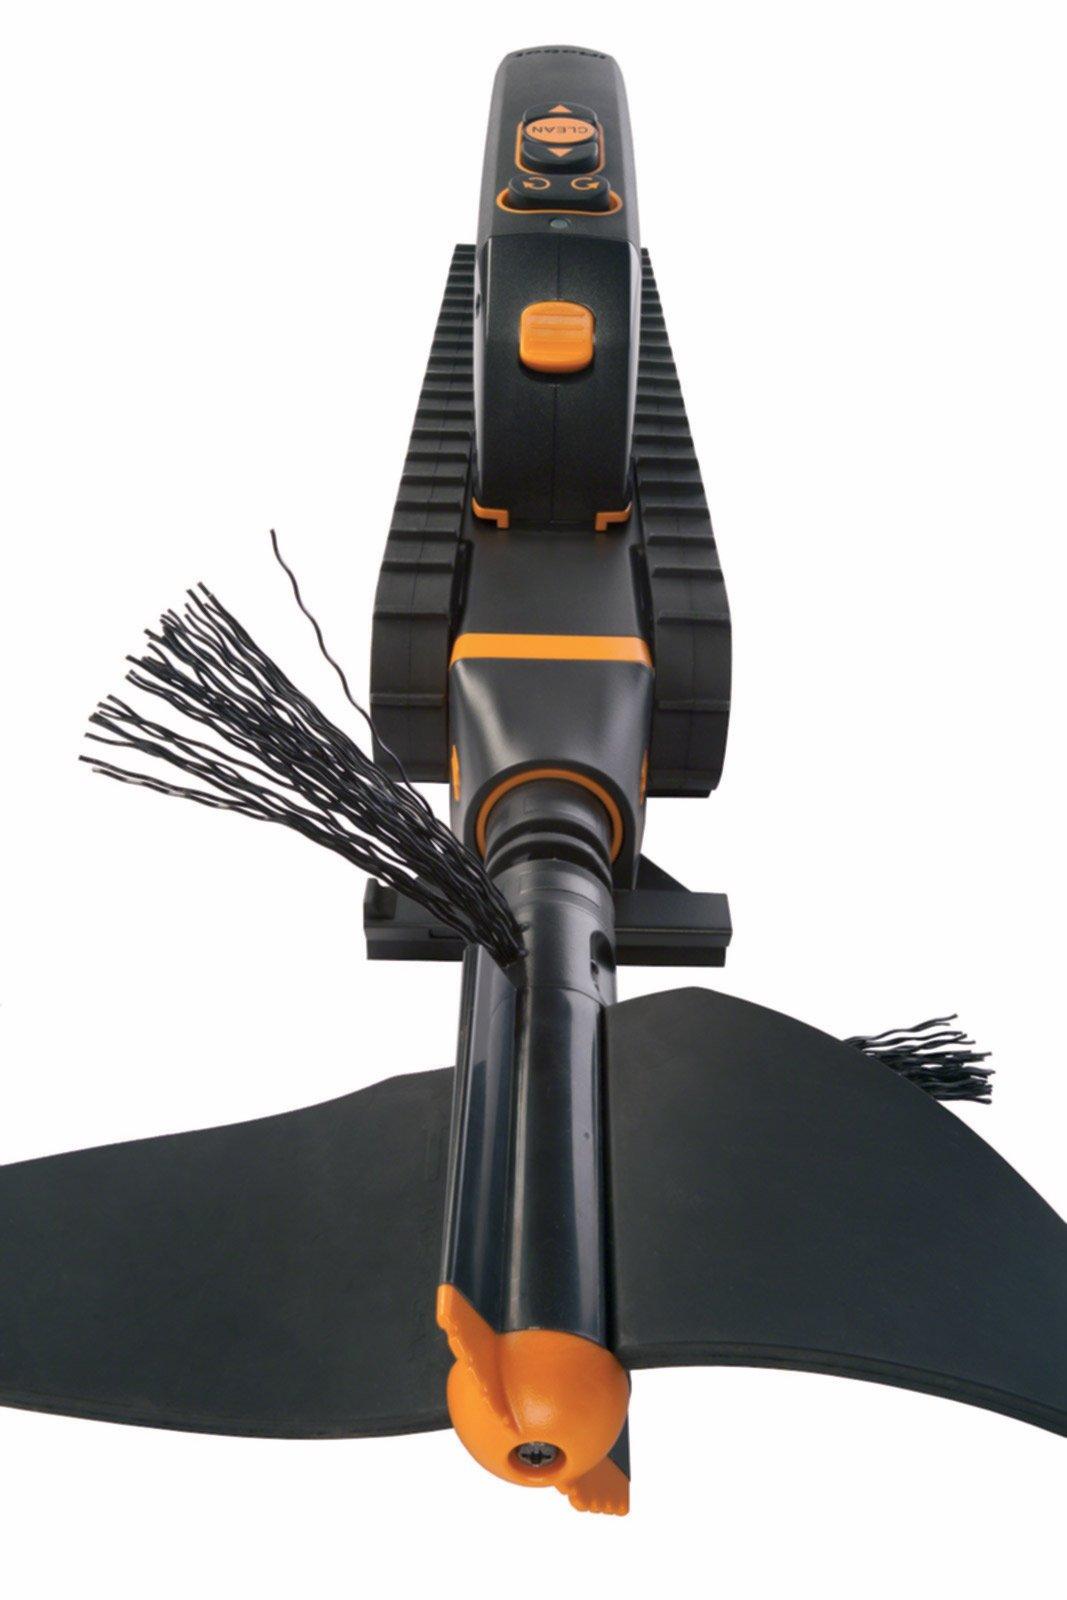 Irobot Looj 330 Gutter Cleaning Robot